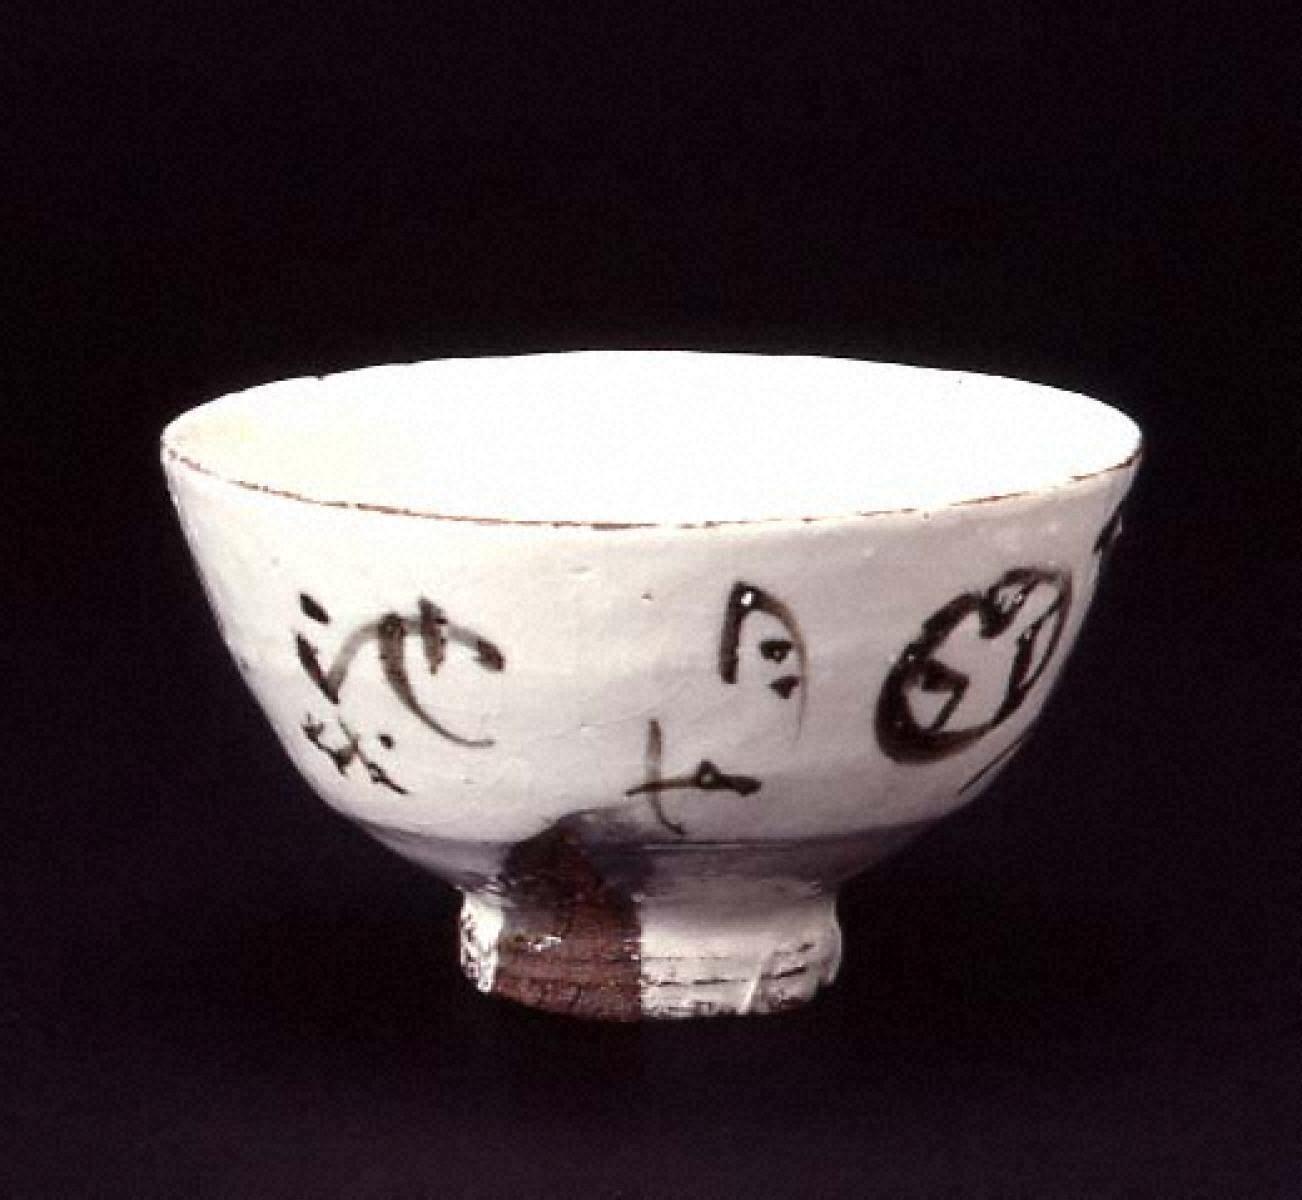 鷗亭題字「芭蕉句 明月や」虎渓山唐津風茶碗